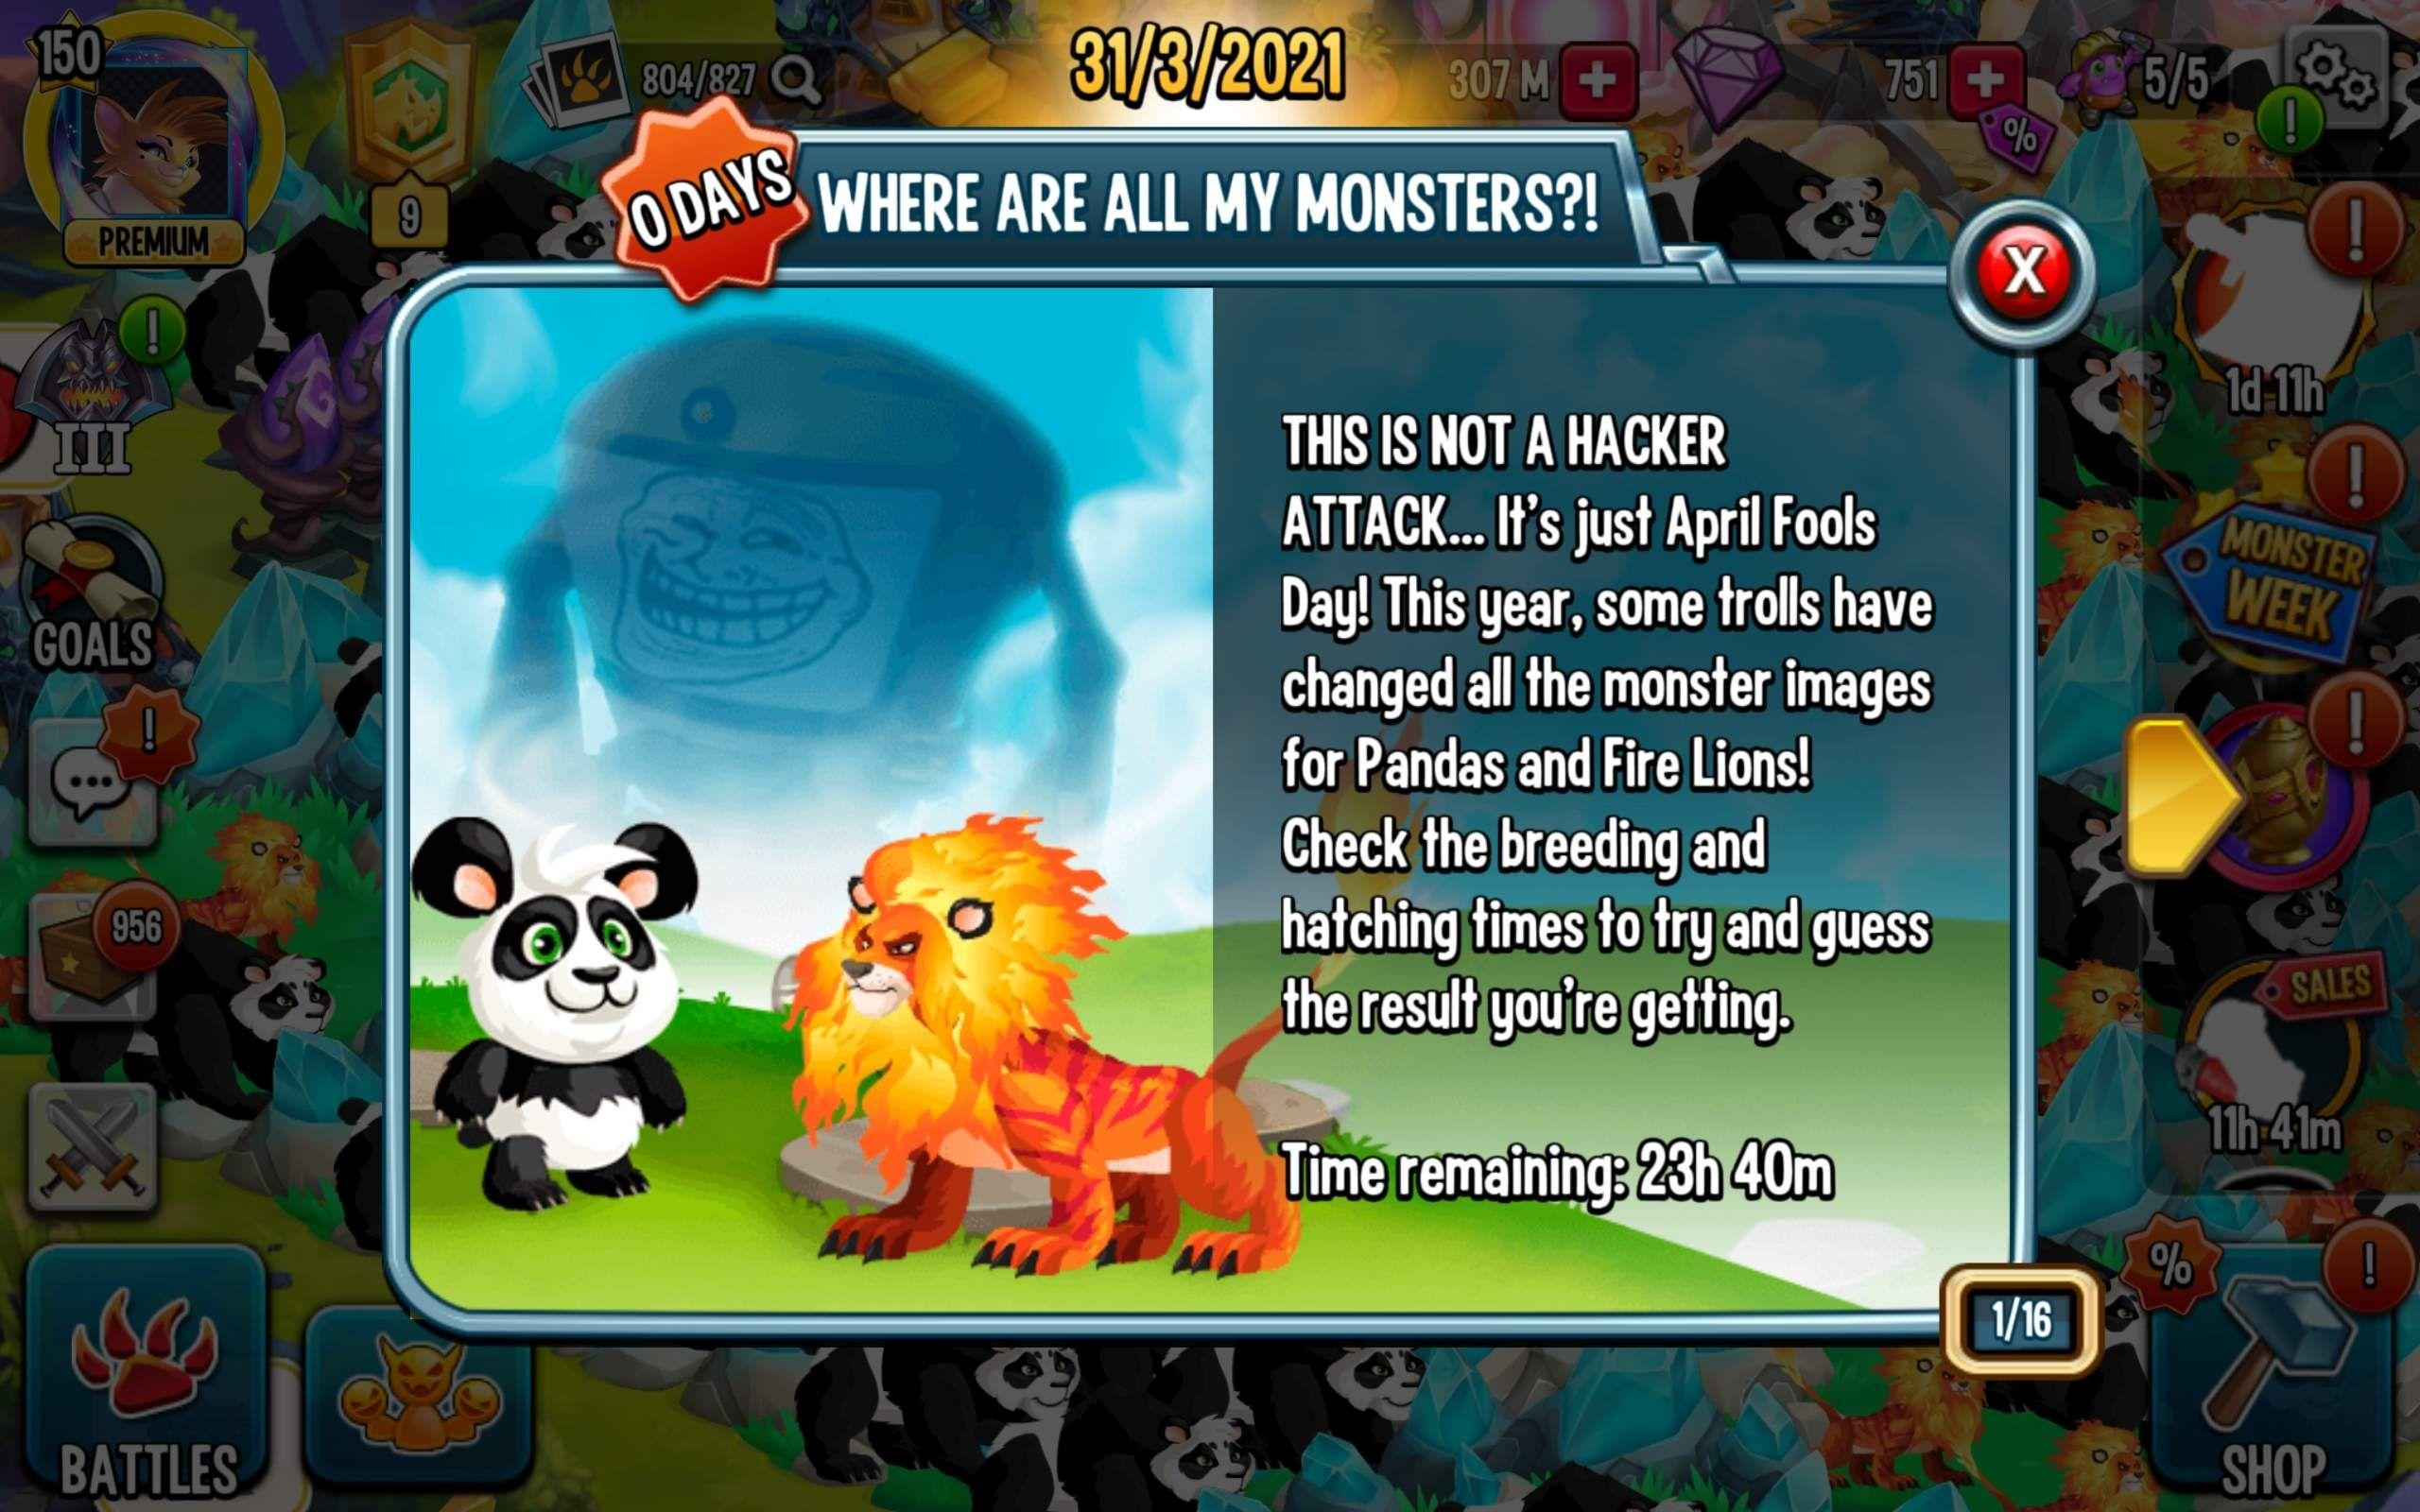 0_1617229317553_Monsters_2021-03-31-18-18-41.jpg